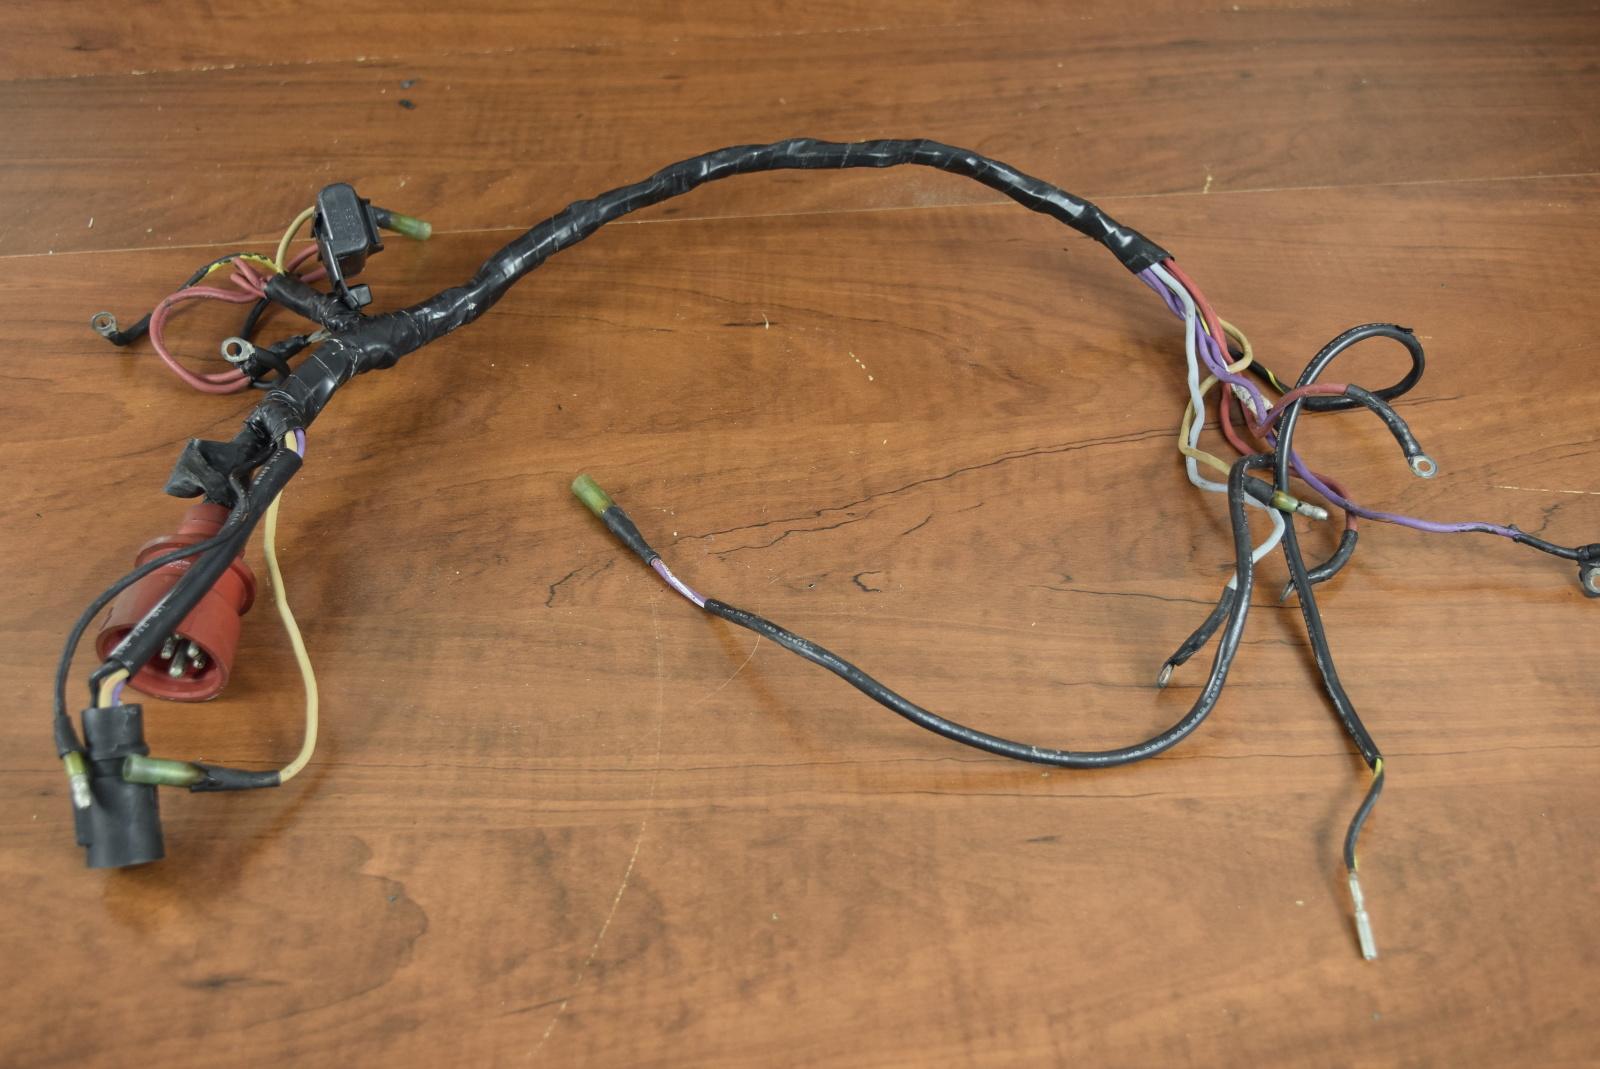 evinrude wire harness 1992 1995 johnson evinrude motor cable wire harness 584686 0584686  1992 1995 johnson evinrude motor cable